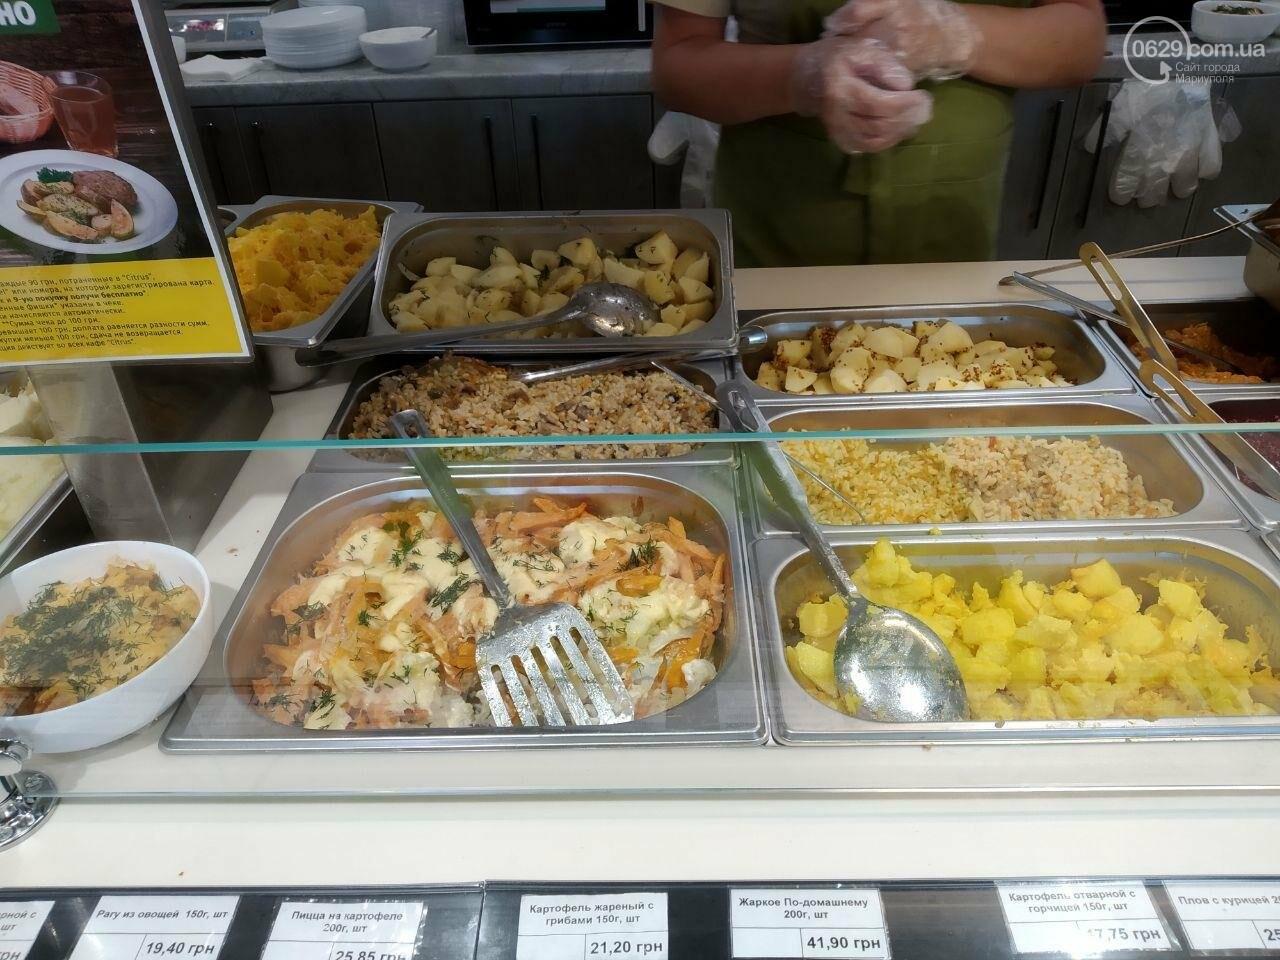 Тайный покупатель проверил кафе домашней кухни Citrus в Мариуполе, - ФОТО, фото-7